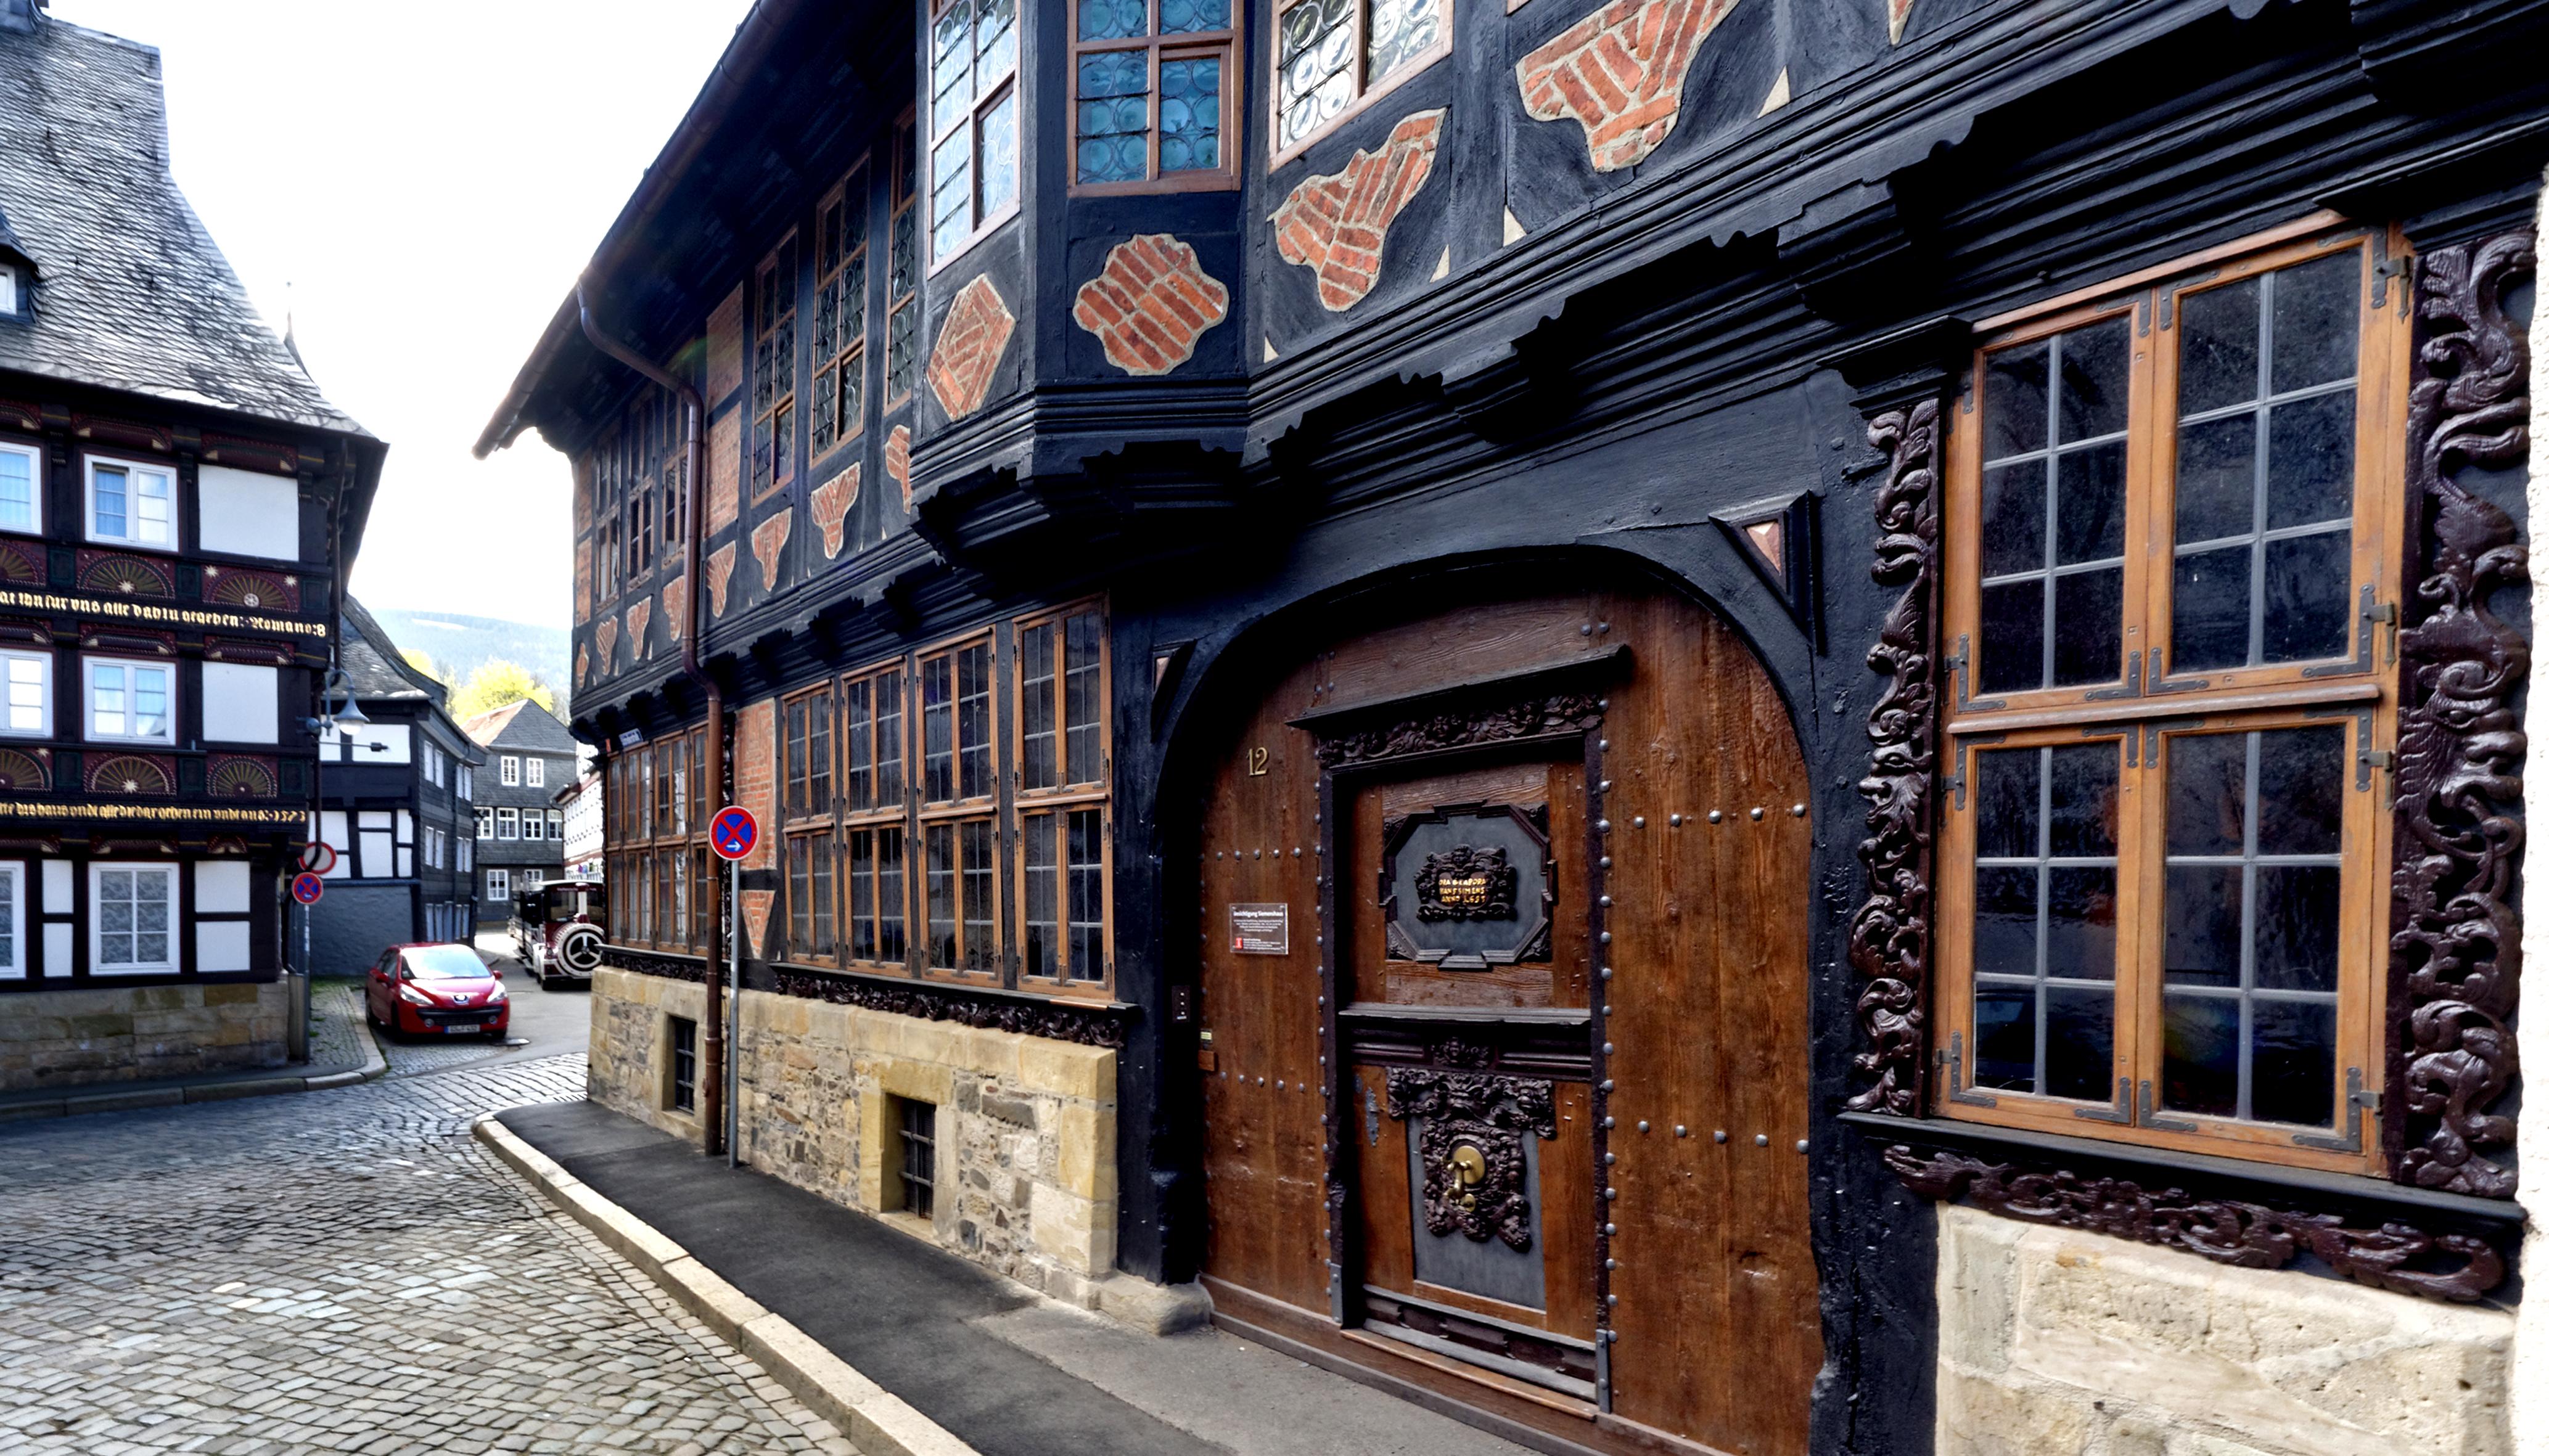 Goslar dating